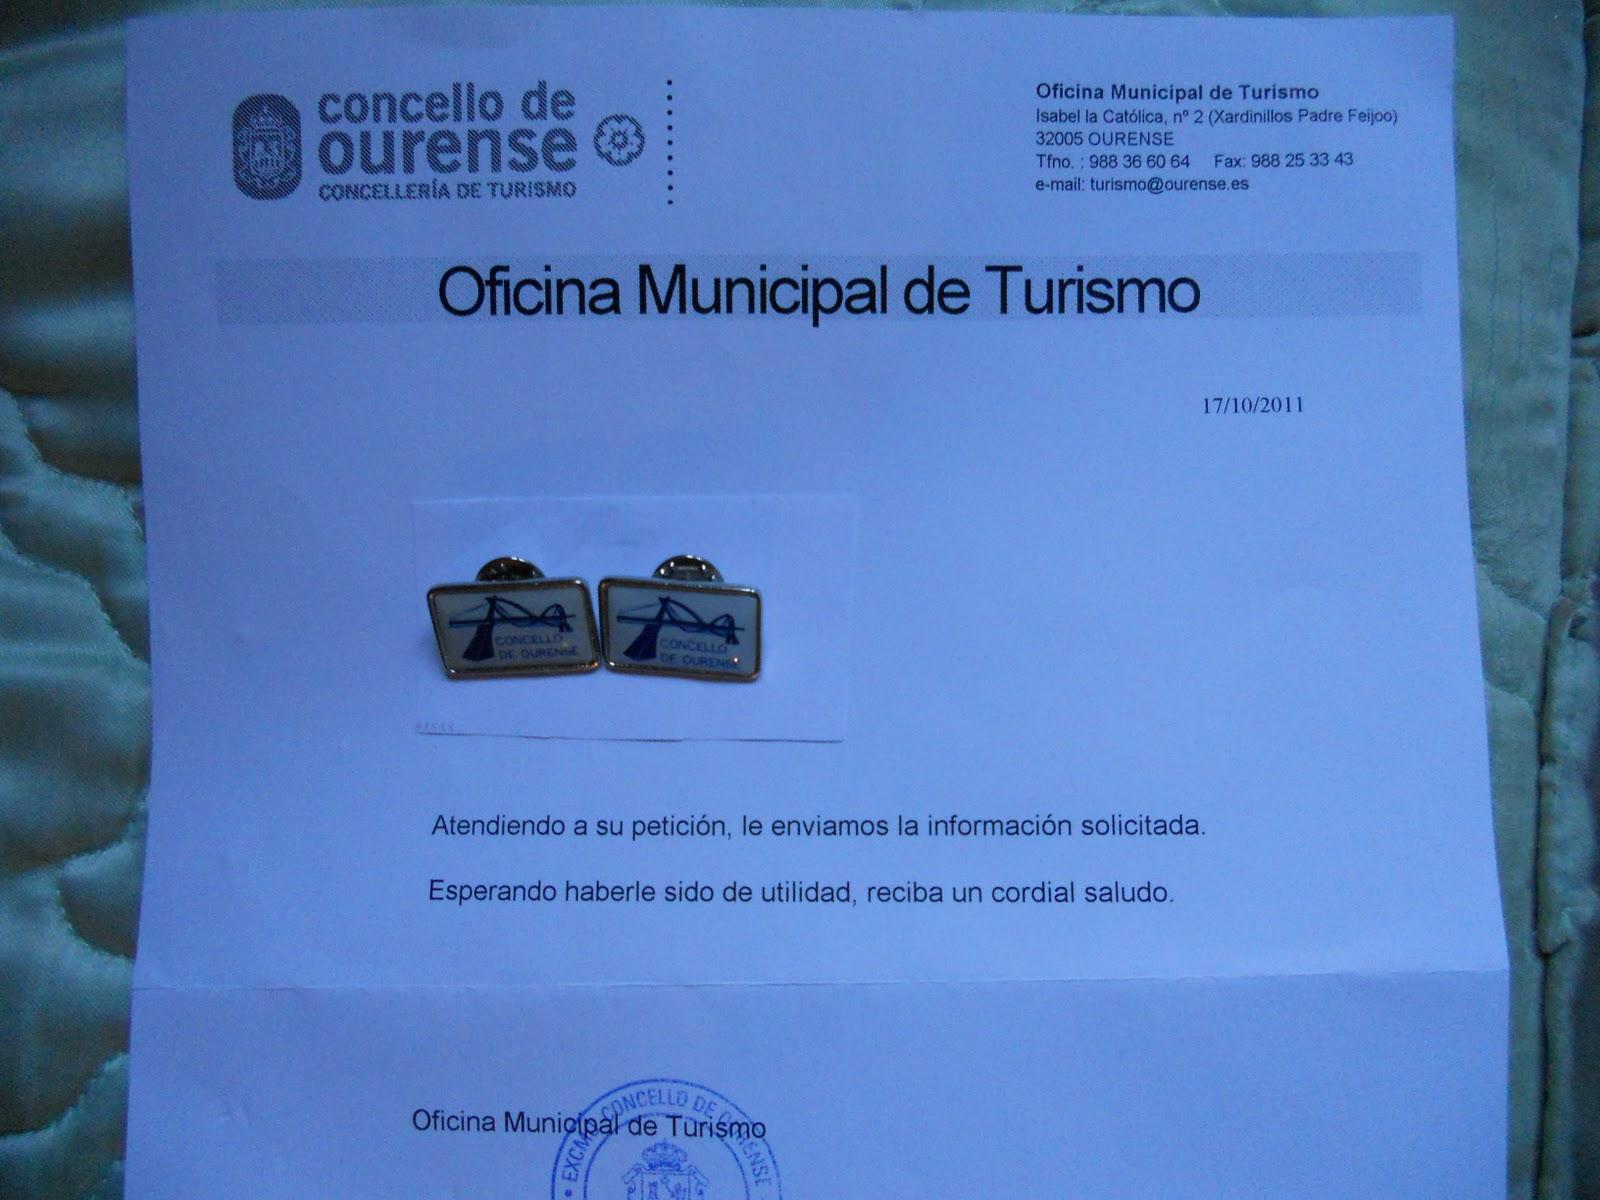 Pinspalomo pueblos de ourense galicia for Oficina correos ourense